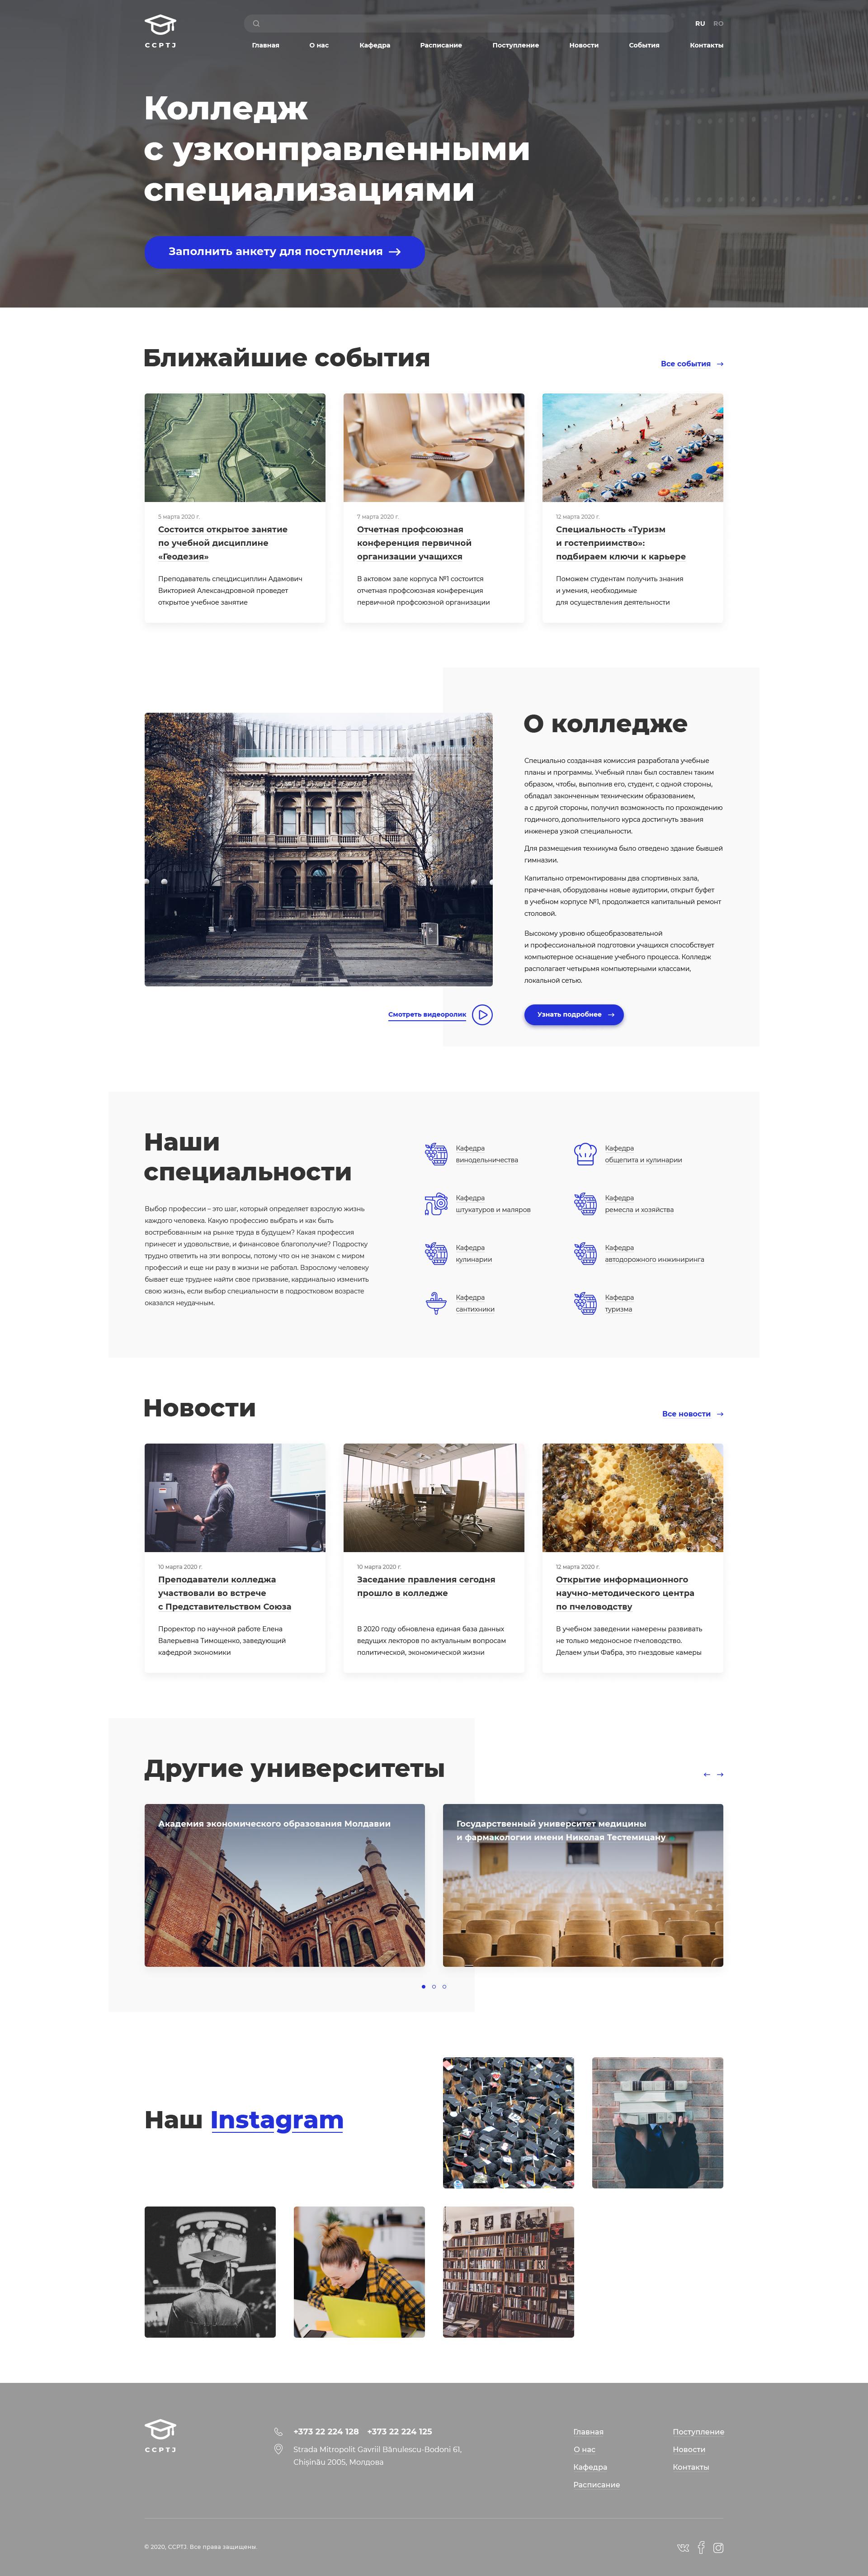 Разработка дизайна сайта колледжа фото f_7365e694cecc6fc5.jpg